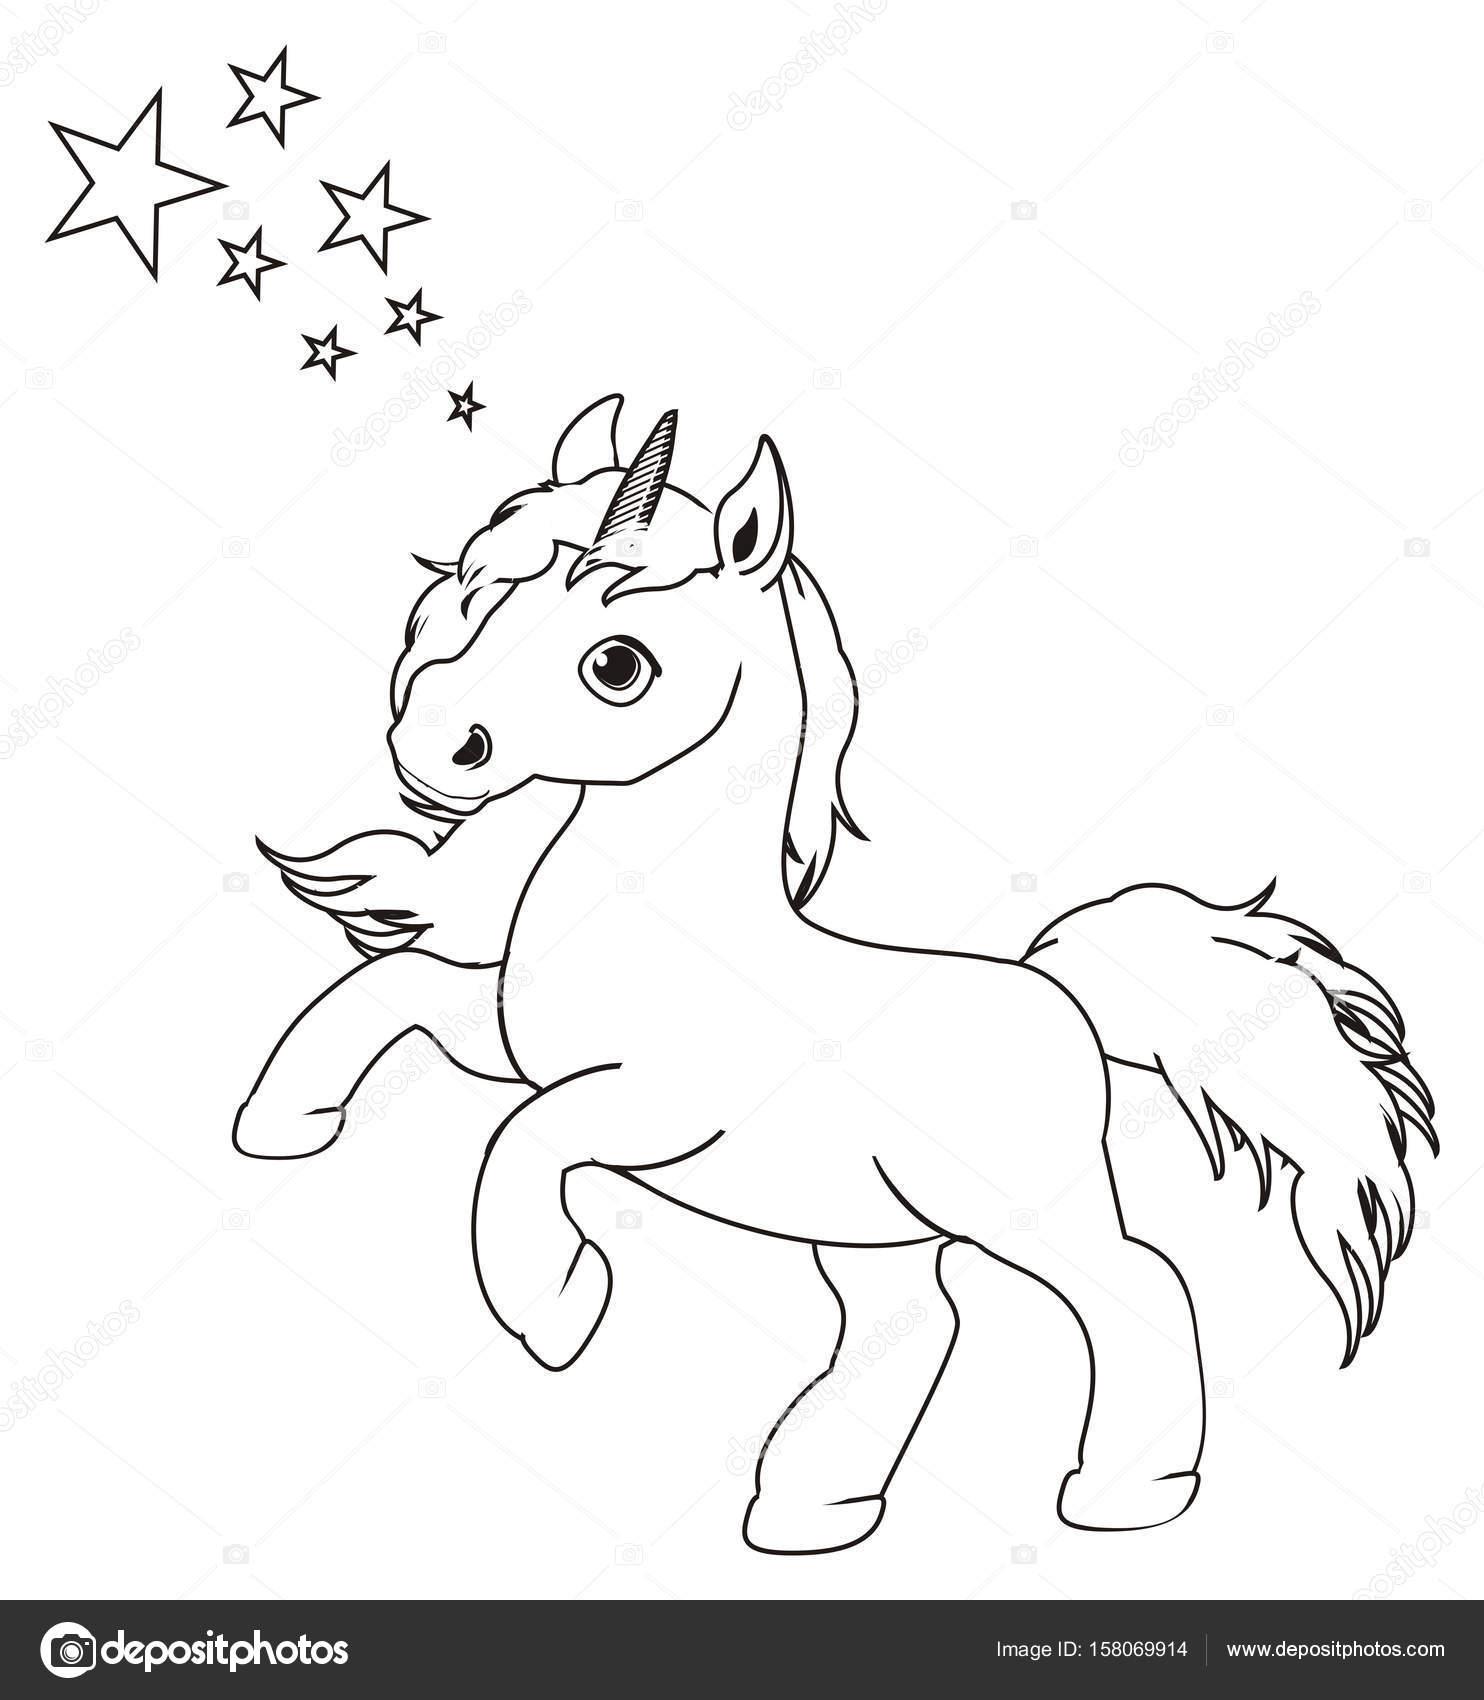 Disegni Da Colorare Piccolo Unicorno Carino Foto Stock